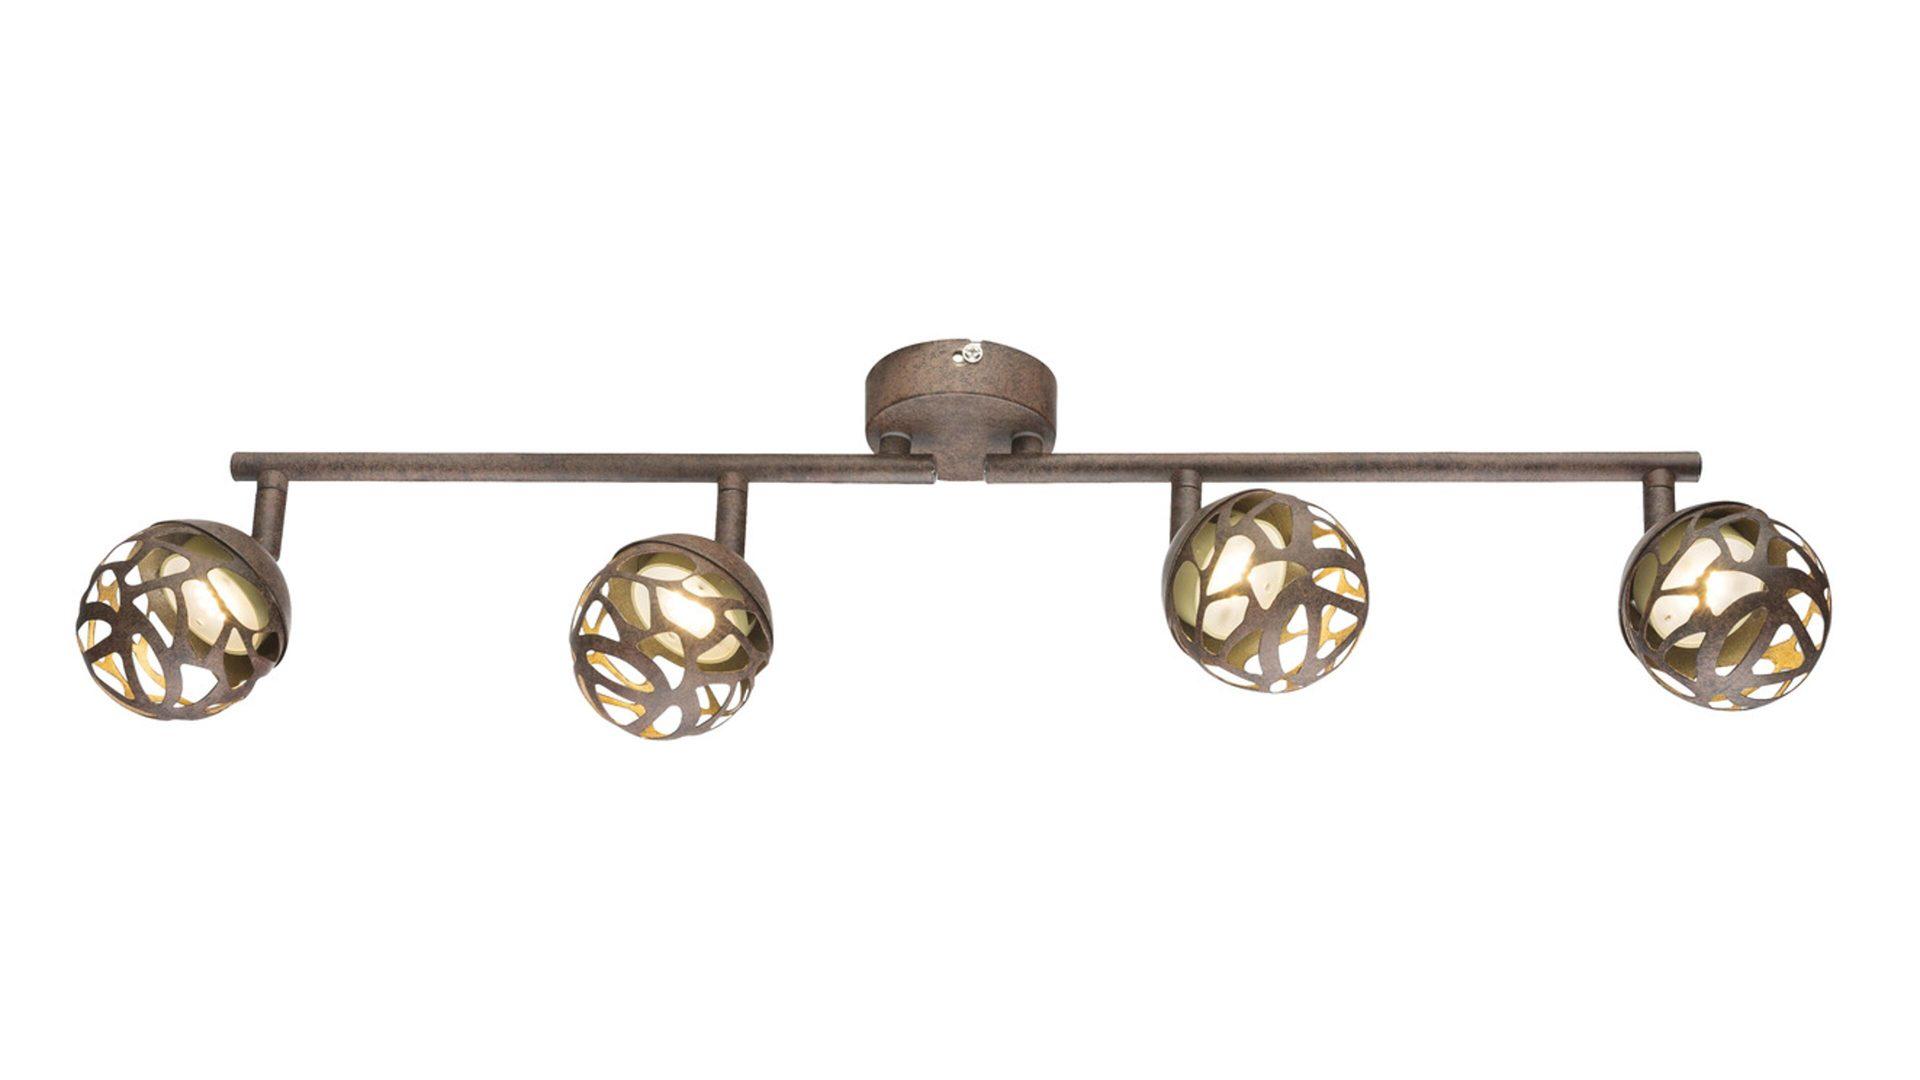 Bernskötter Bernskötter Mülheimräumeflurdielelampen Möbel